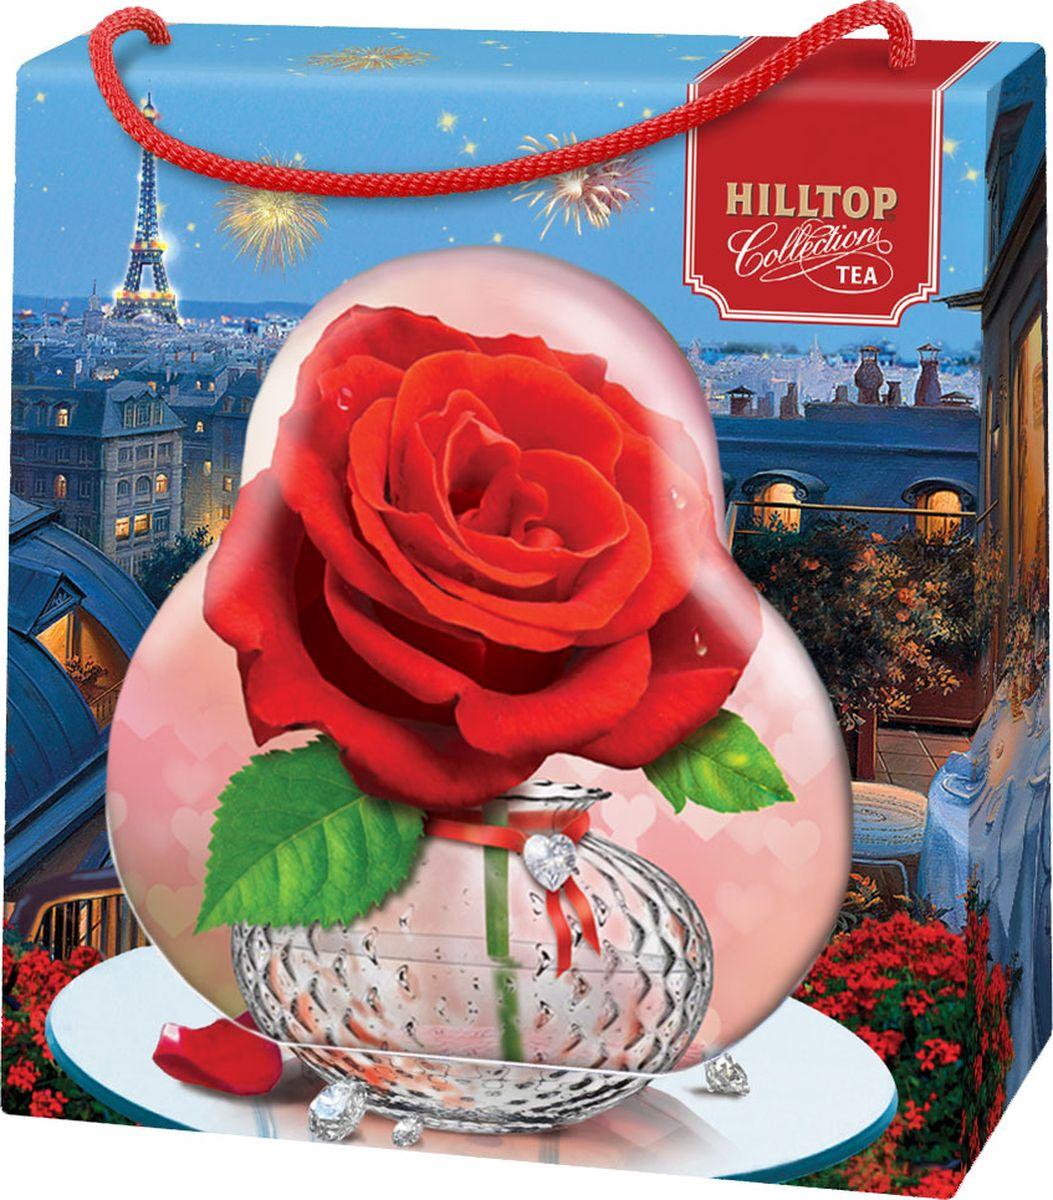 Hilltop Роза чай листовой королевское золото, 50 г hilltop утреннее чаепитие черный листовой чай королевское золото в футляре 80 г